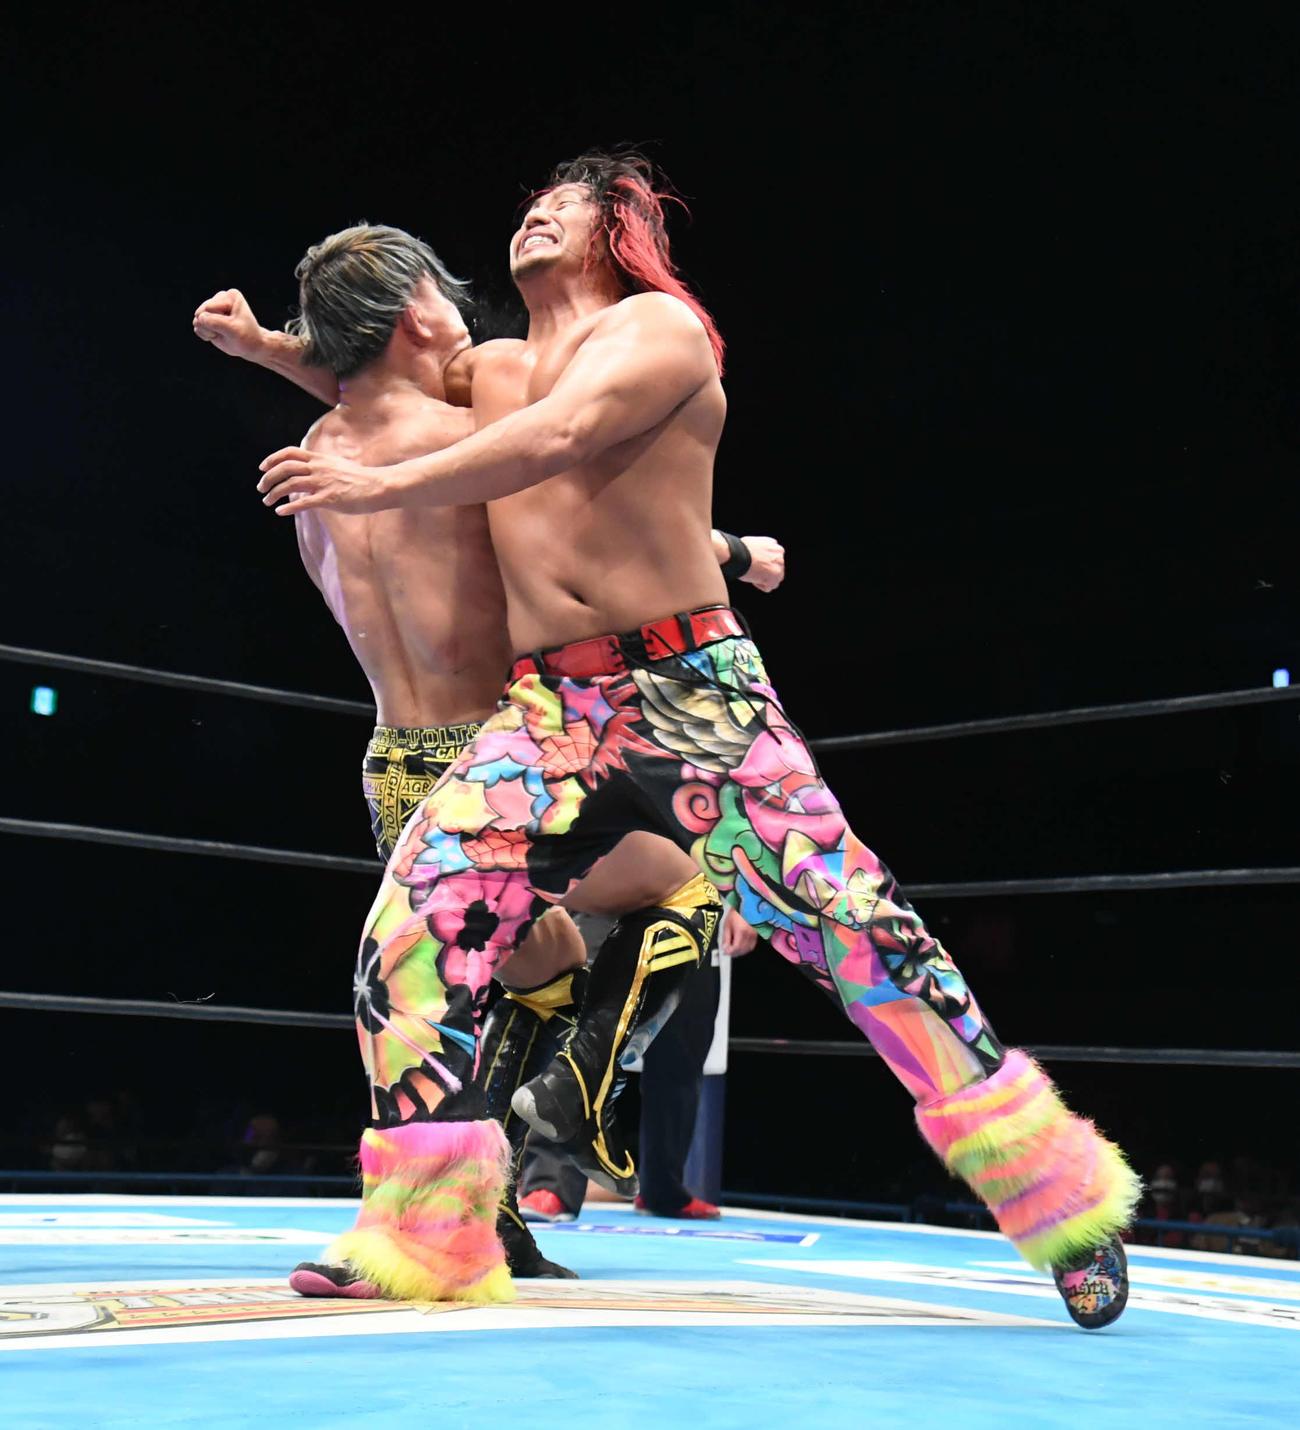 新日本広島大会 SHO(左)に強烈なラリアットを浴びせる高橋ヒロム(新日本プロレス提供)